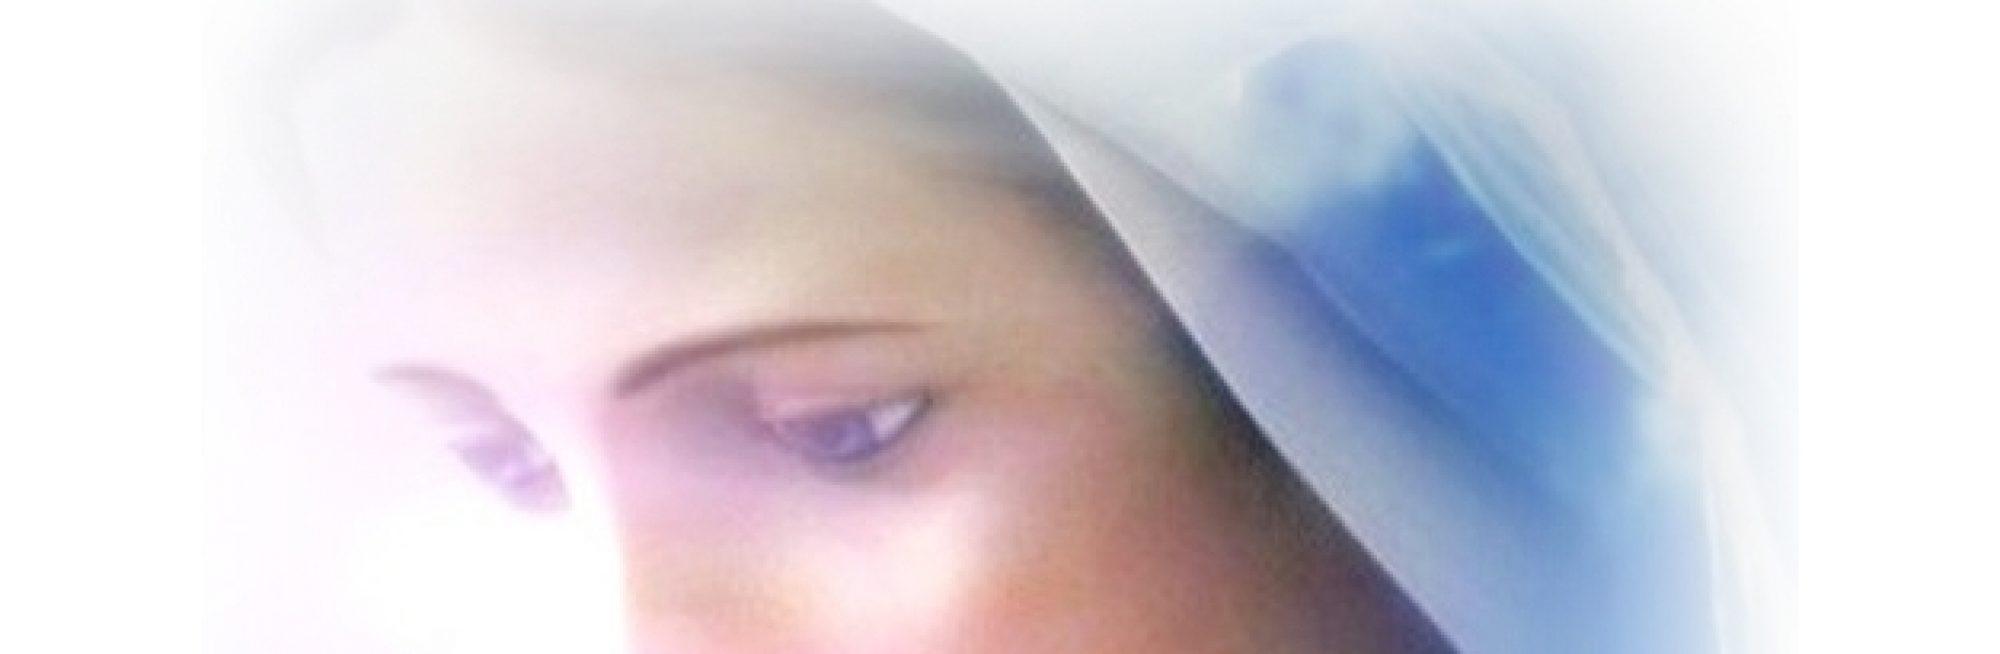 Les prophéties de la Fraudais de la stigmatisée Marie-Julie Jahenny. Cropped-me1-1